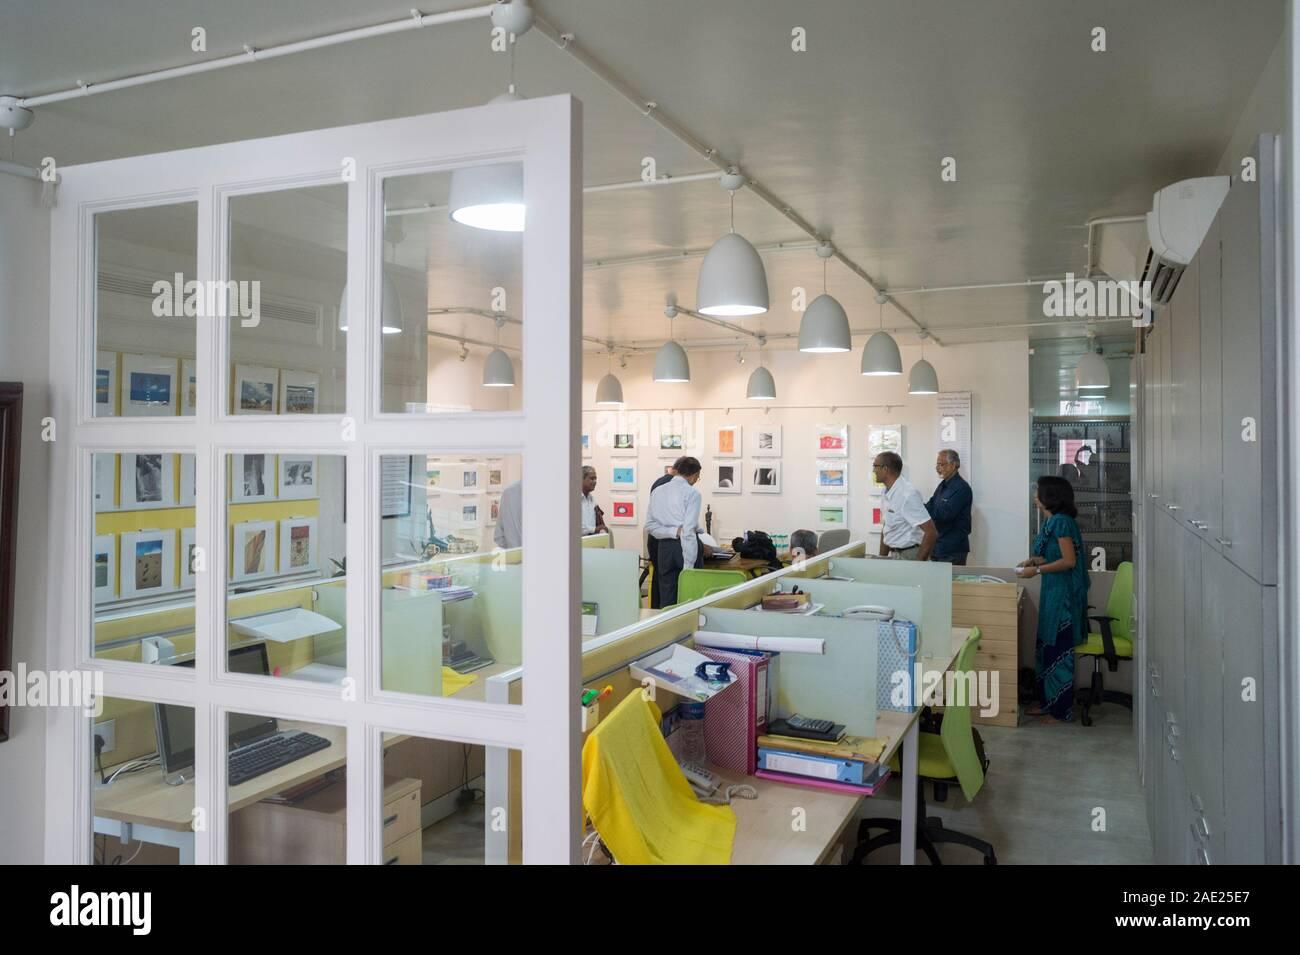 Dinodia Fototeca office, Bombay, Maharashtra, India, Asia Foto de stock